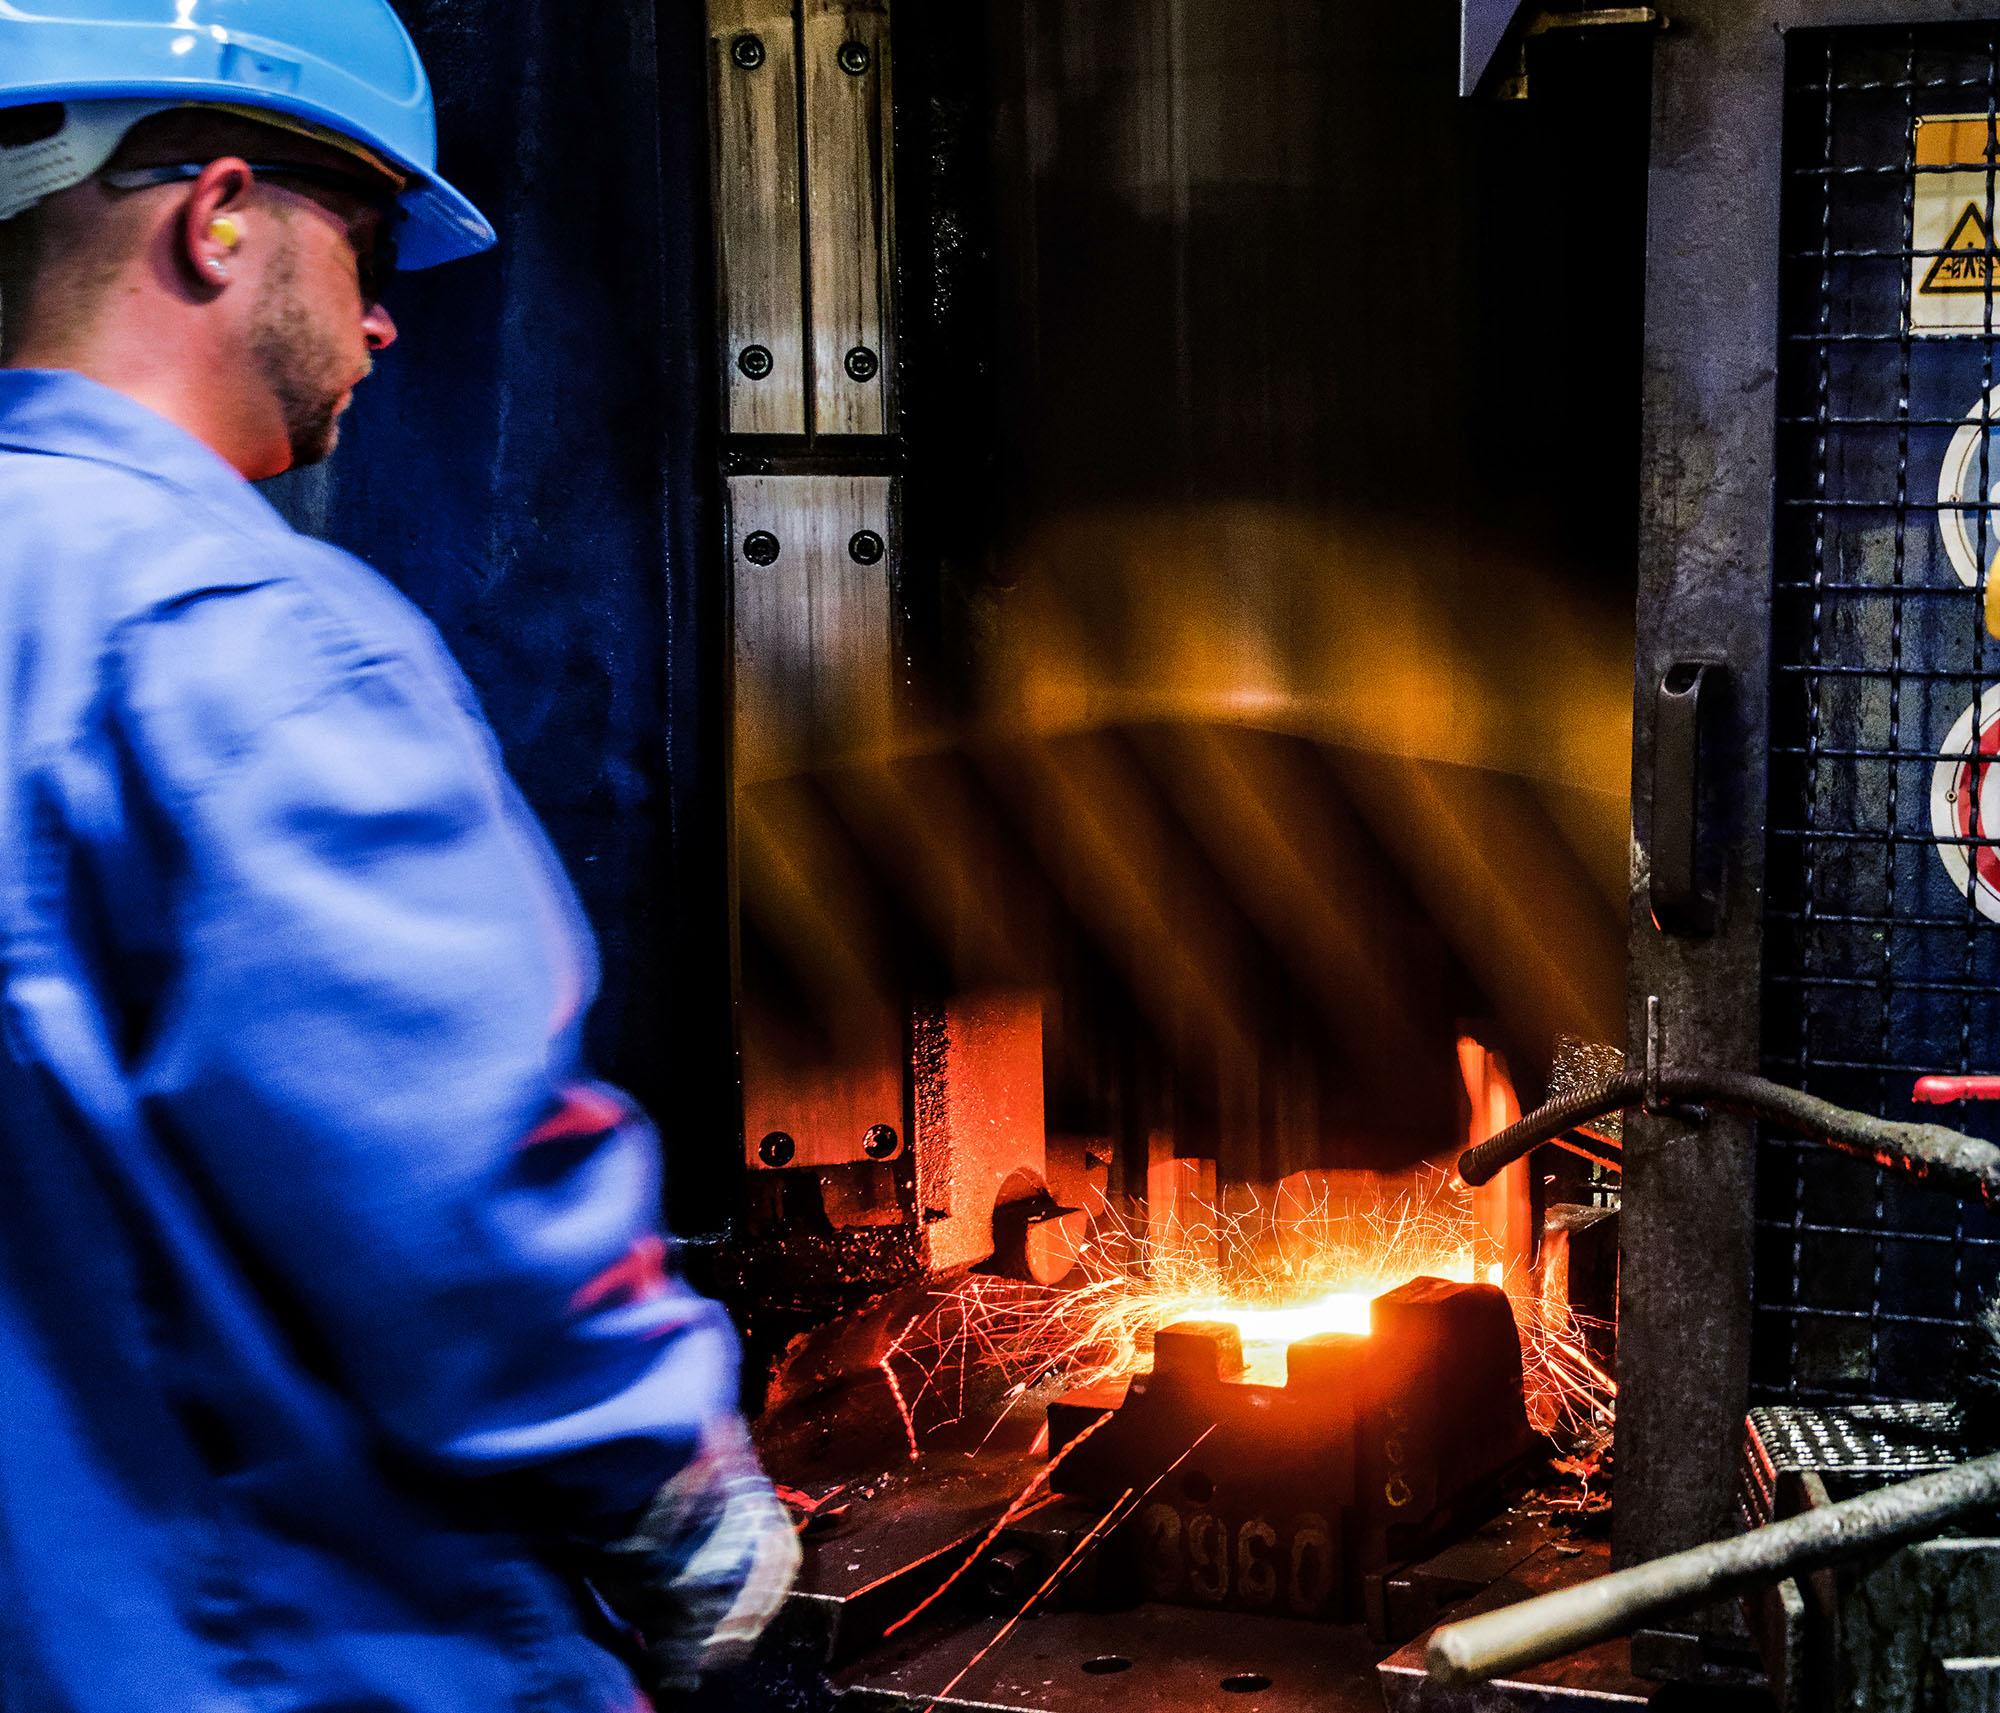 Industriefotografie_wolfram schroll_rud_3